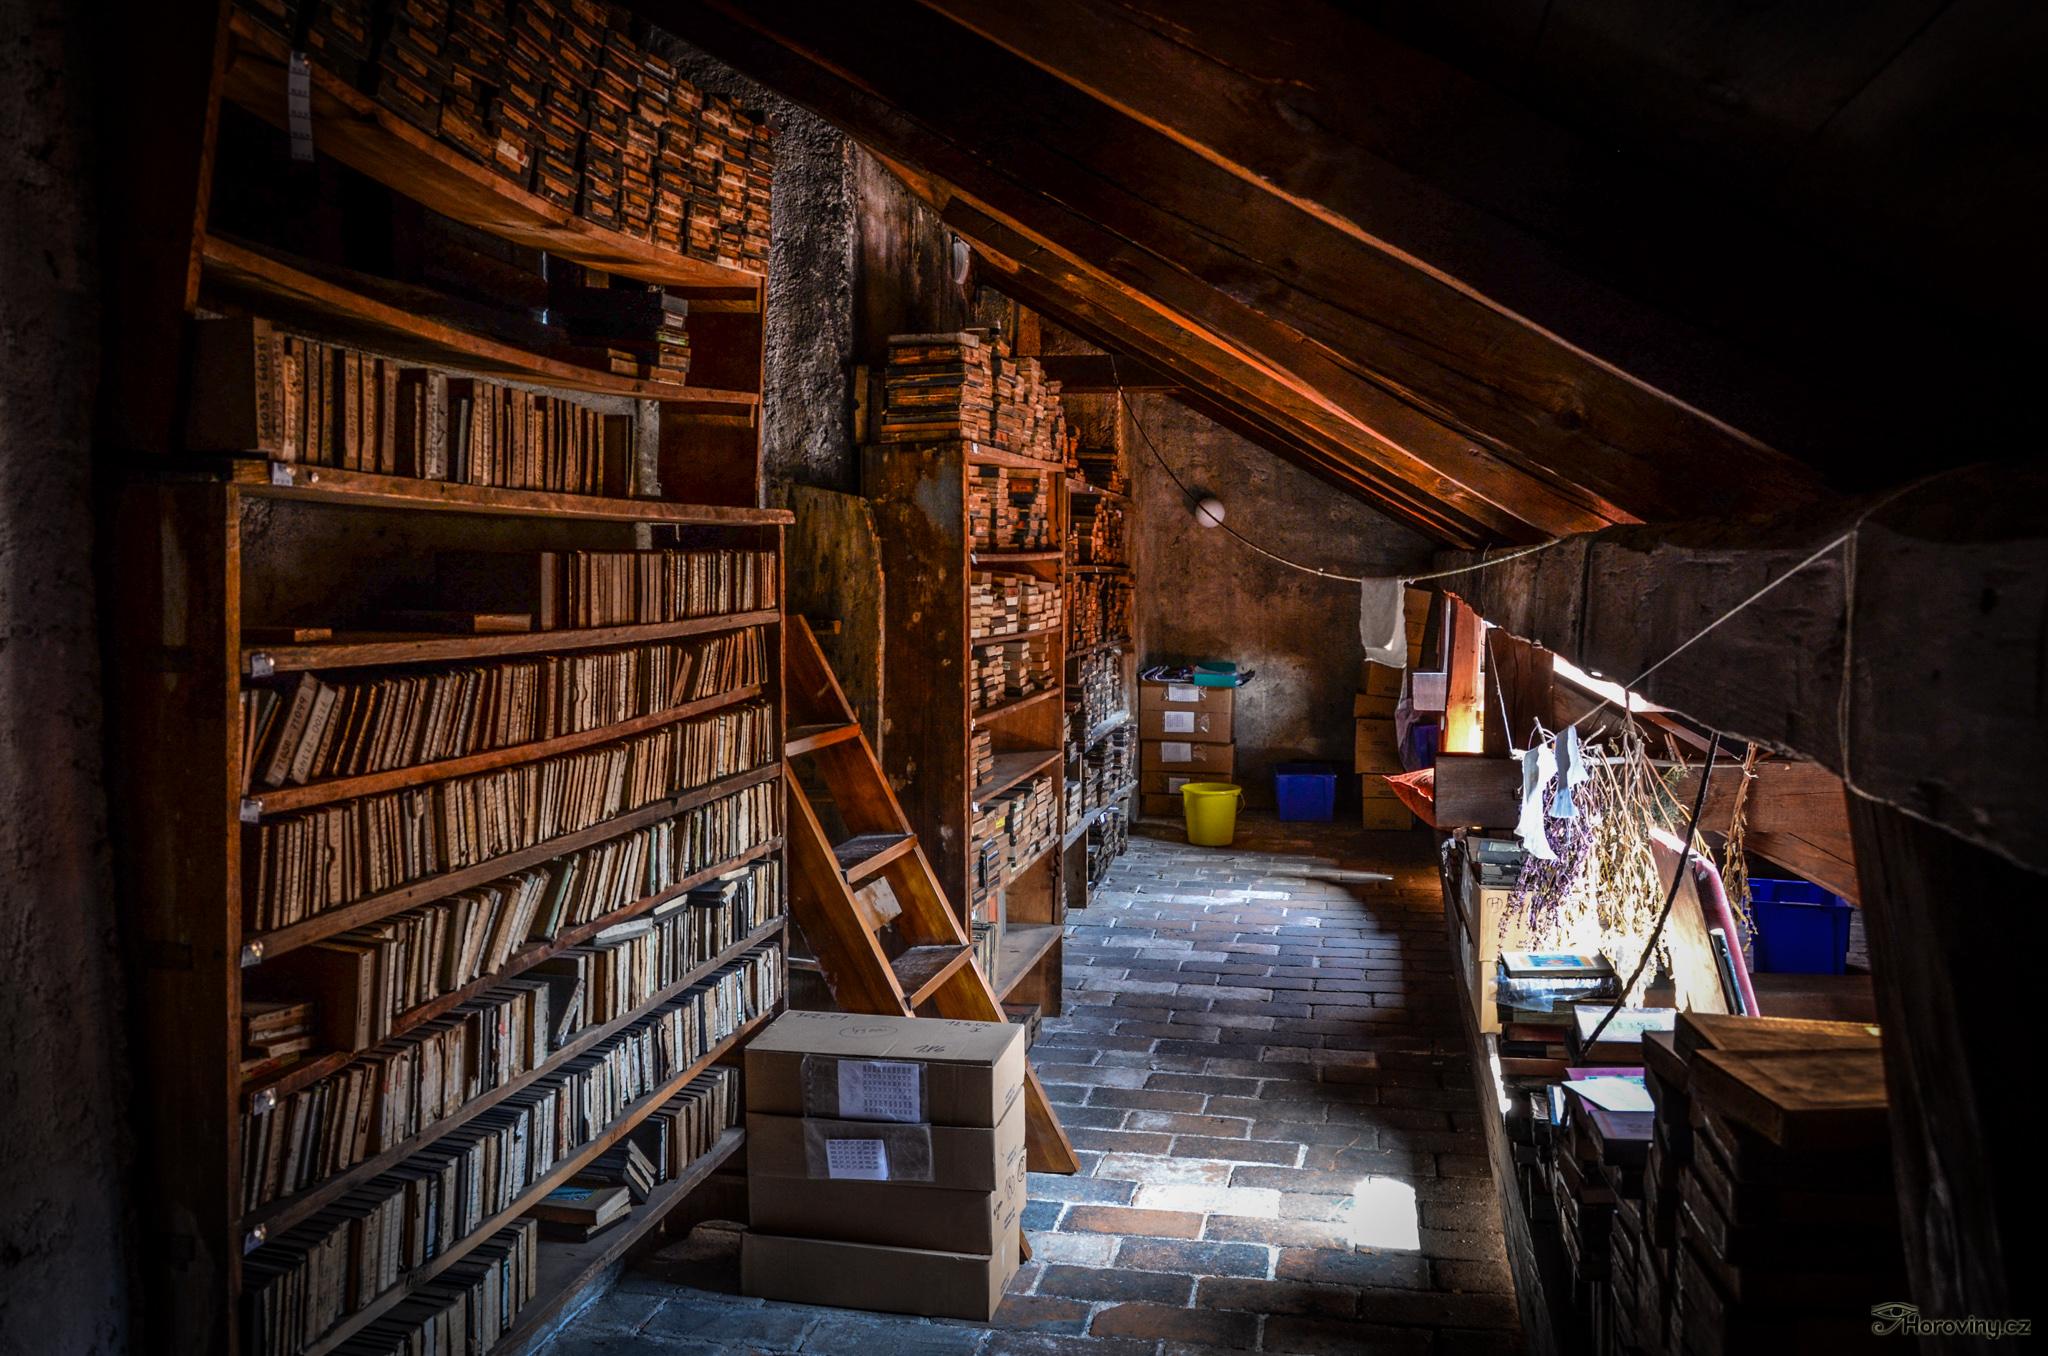 The treasure in the attic